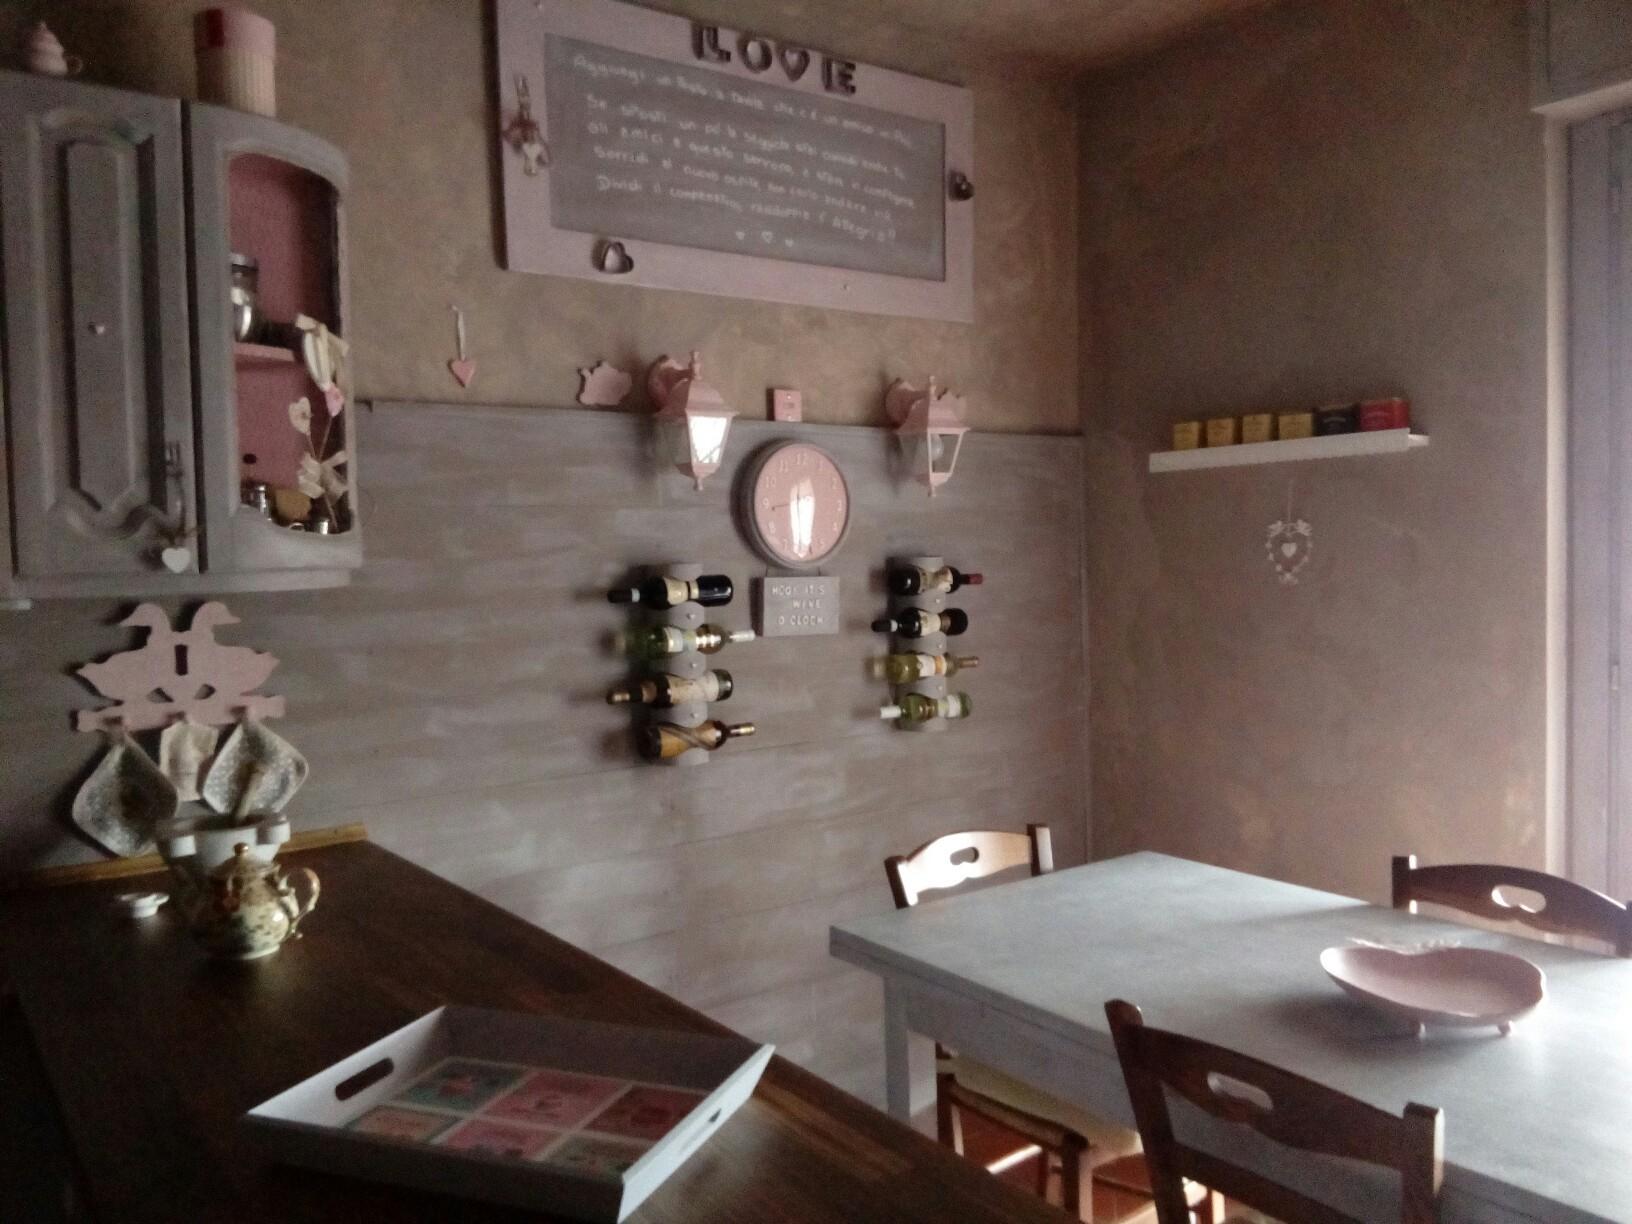 Credence Salle De Bain Lavabo Luxe Images Credence Salle De Bain Unique 99deco Crédence Cuisine Fond De Hotte